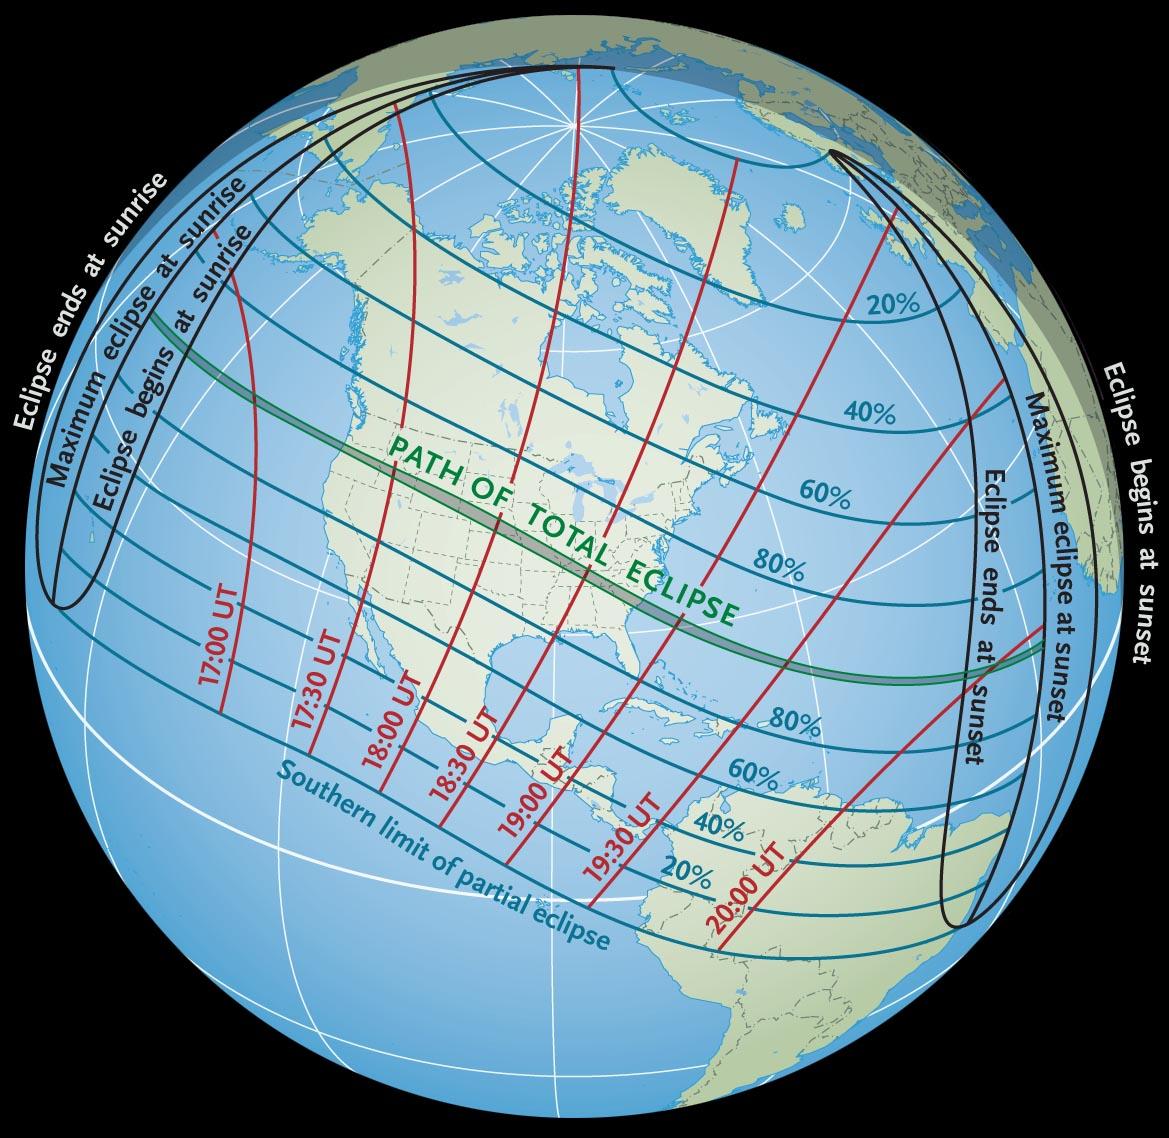 2017_eclipse_globe.jpg